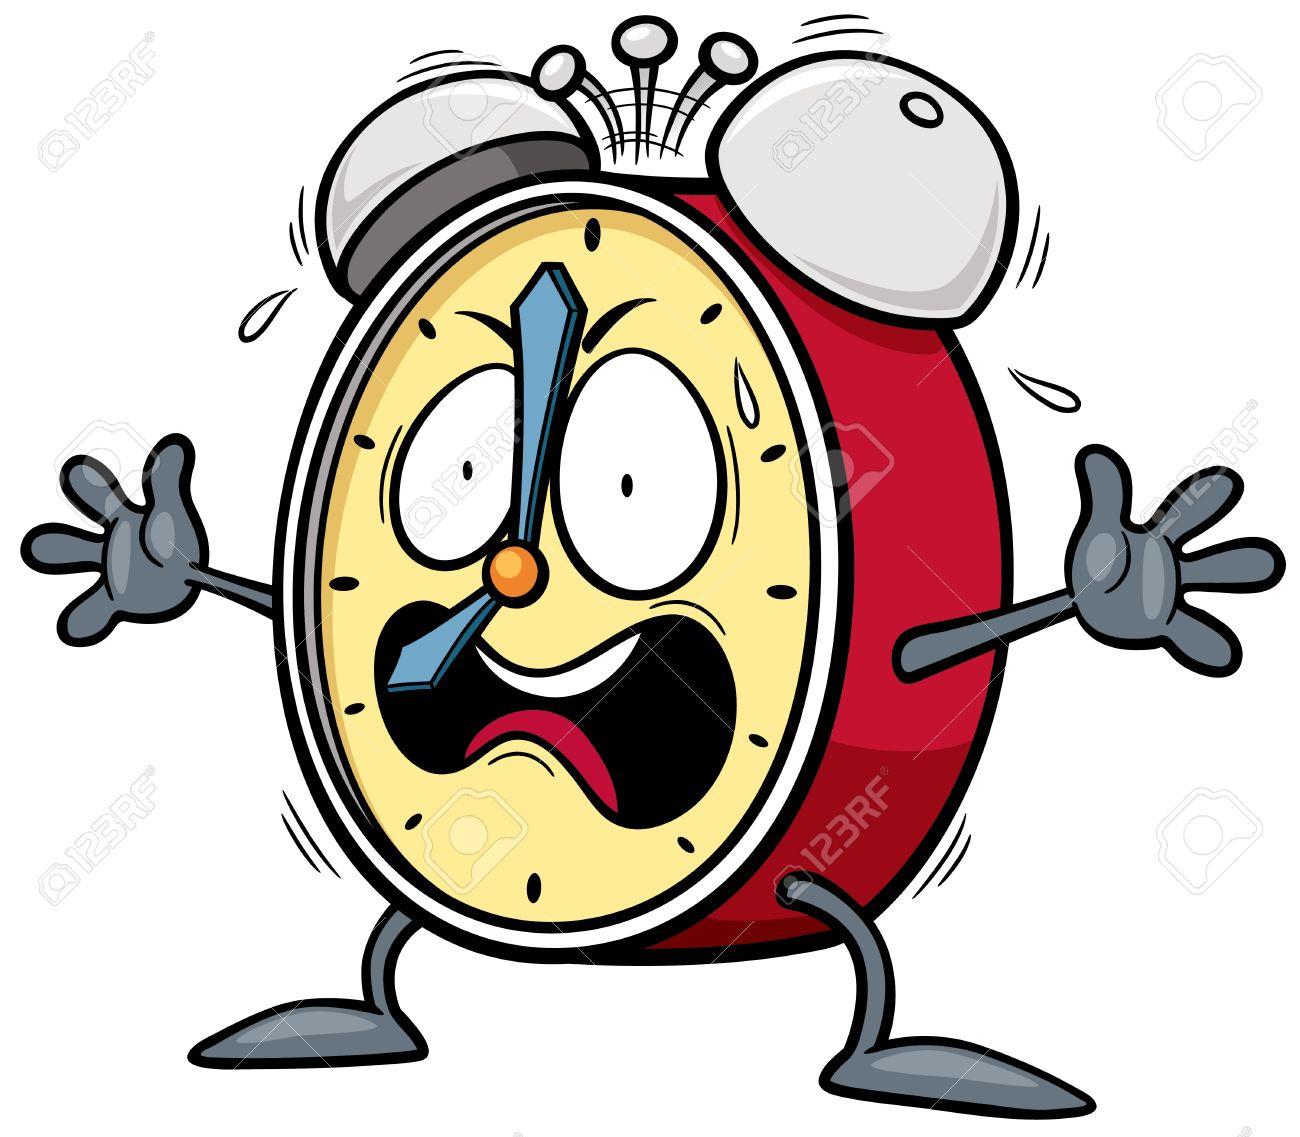 Vector illustration of Cartoon Alarm clock - 37481495